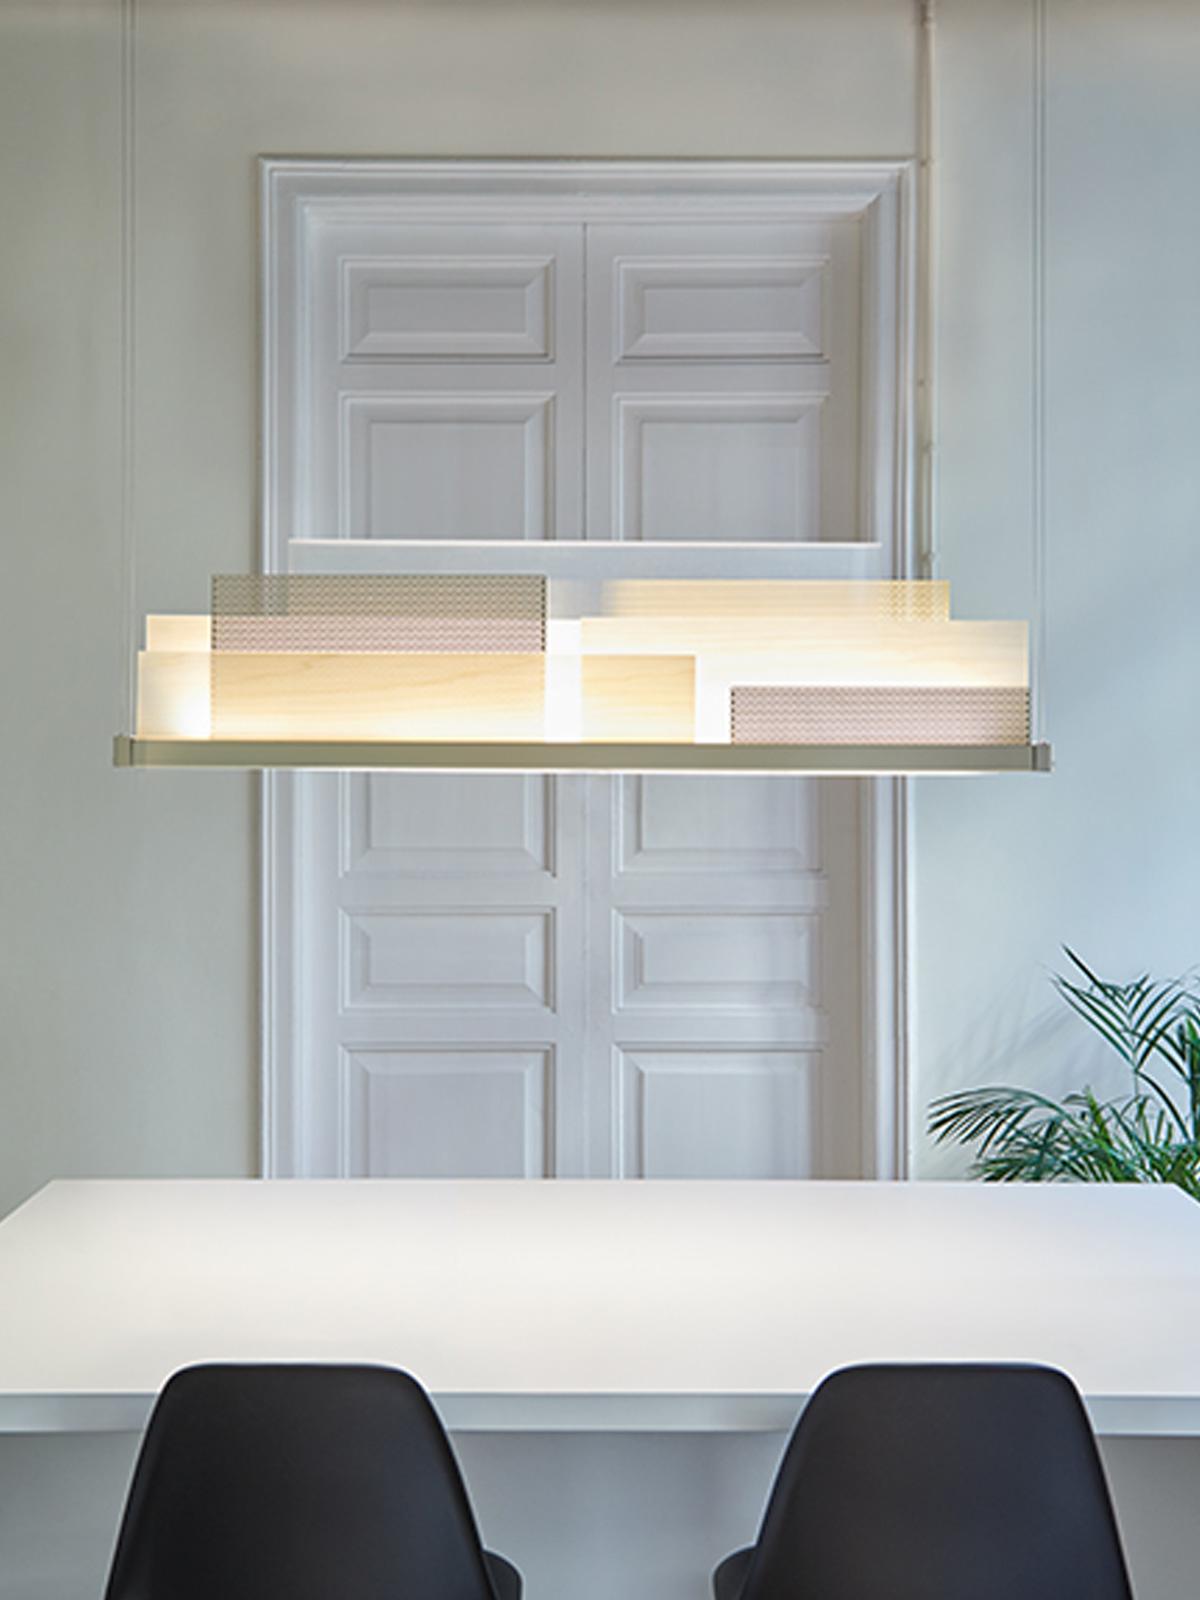 DesignOrt Blog: Lange Pendelleuchte Skyline Pendelleuchte Deko Tisch LZF Lamps